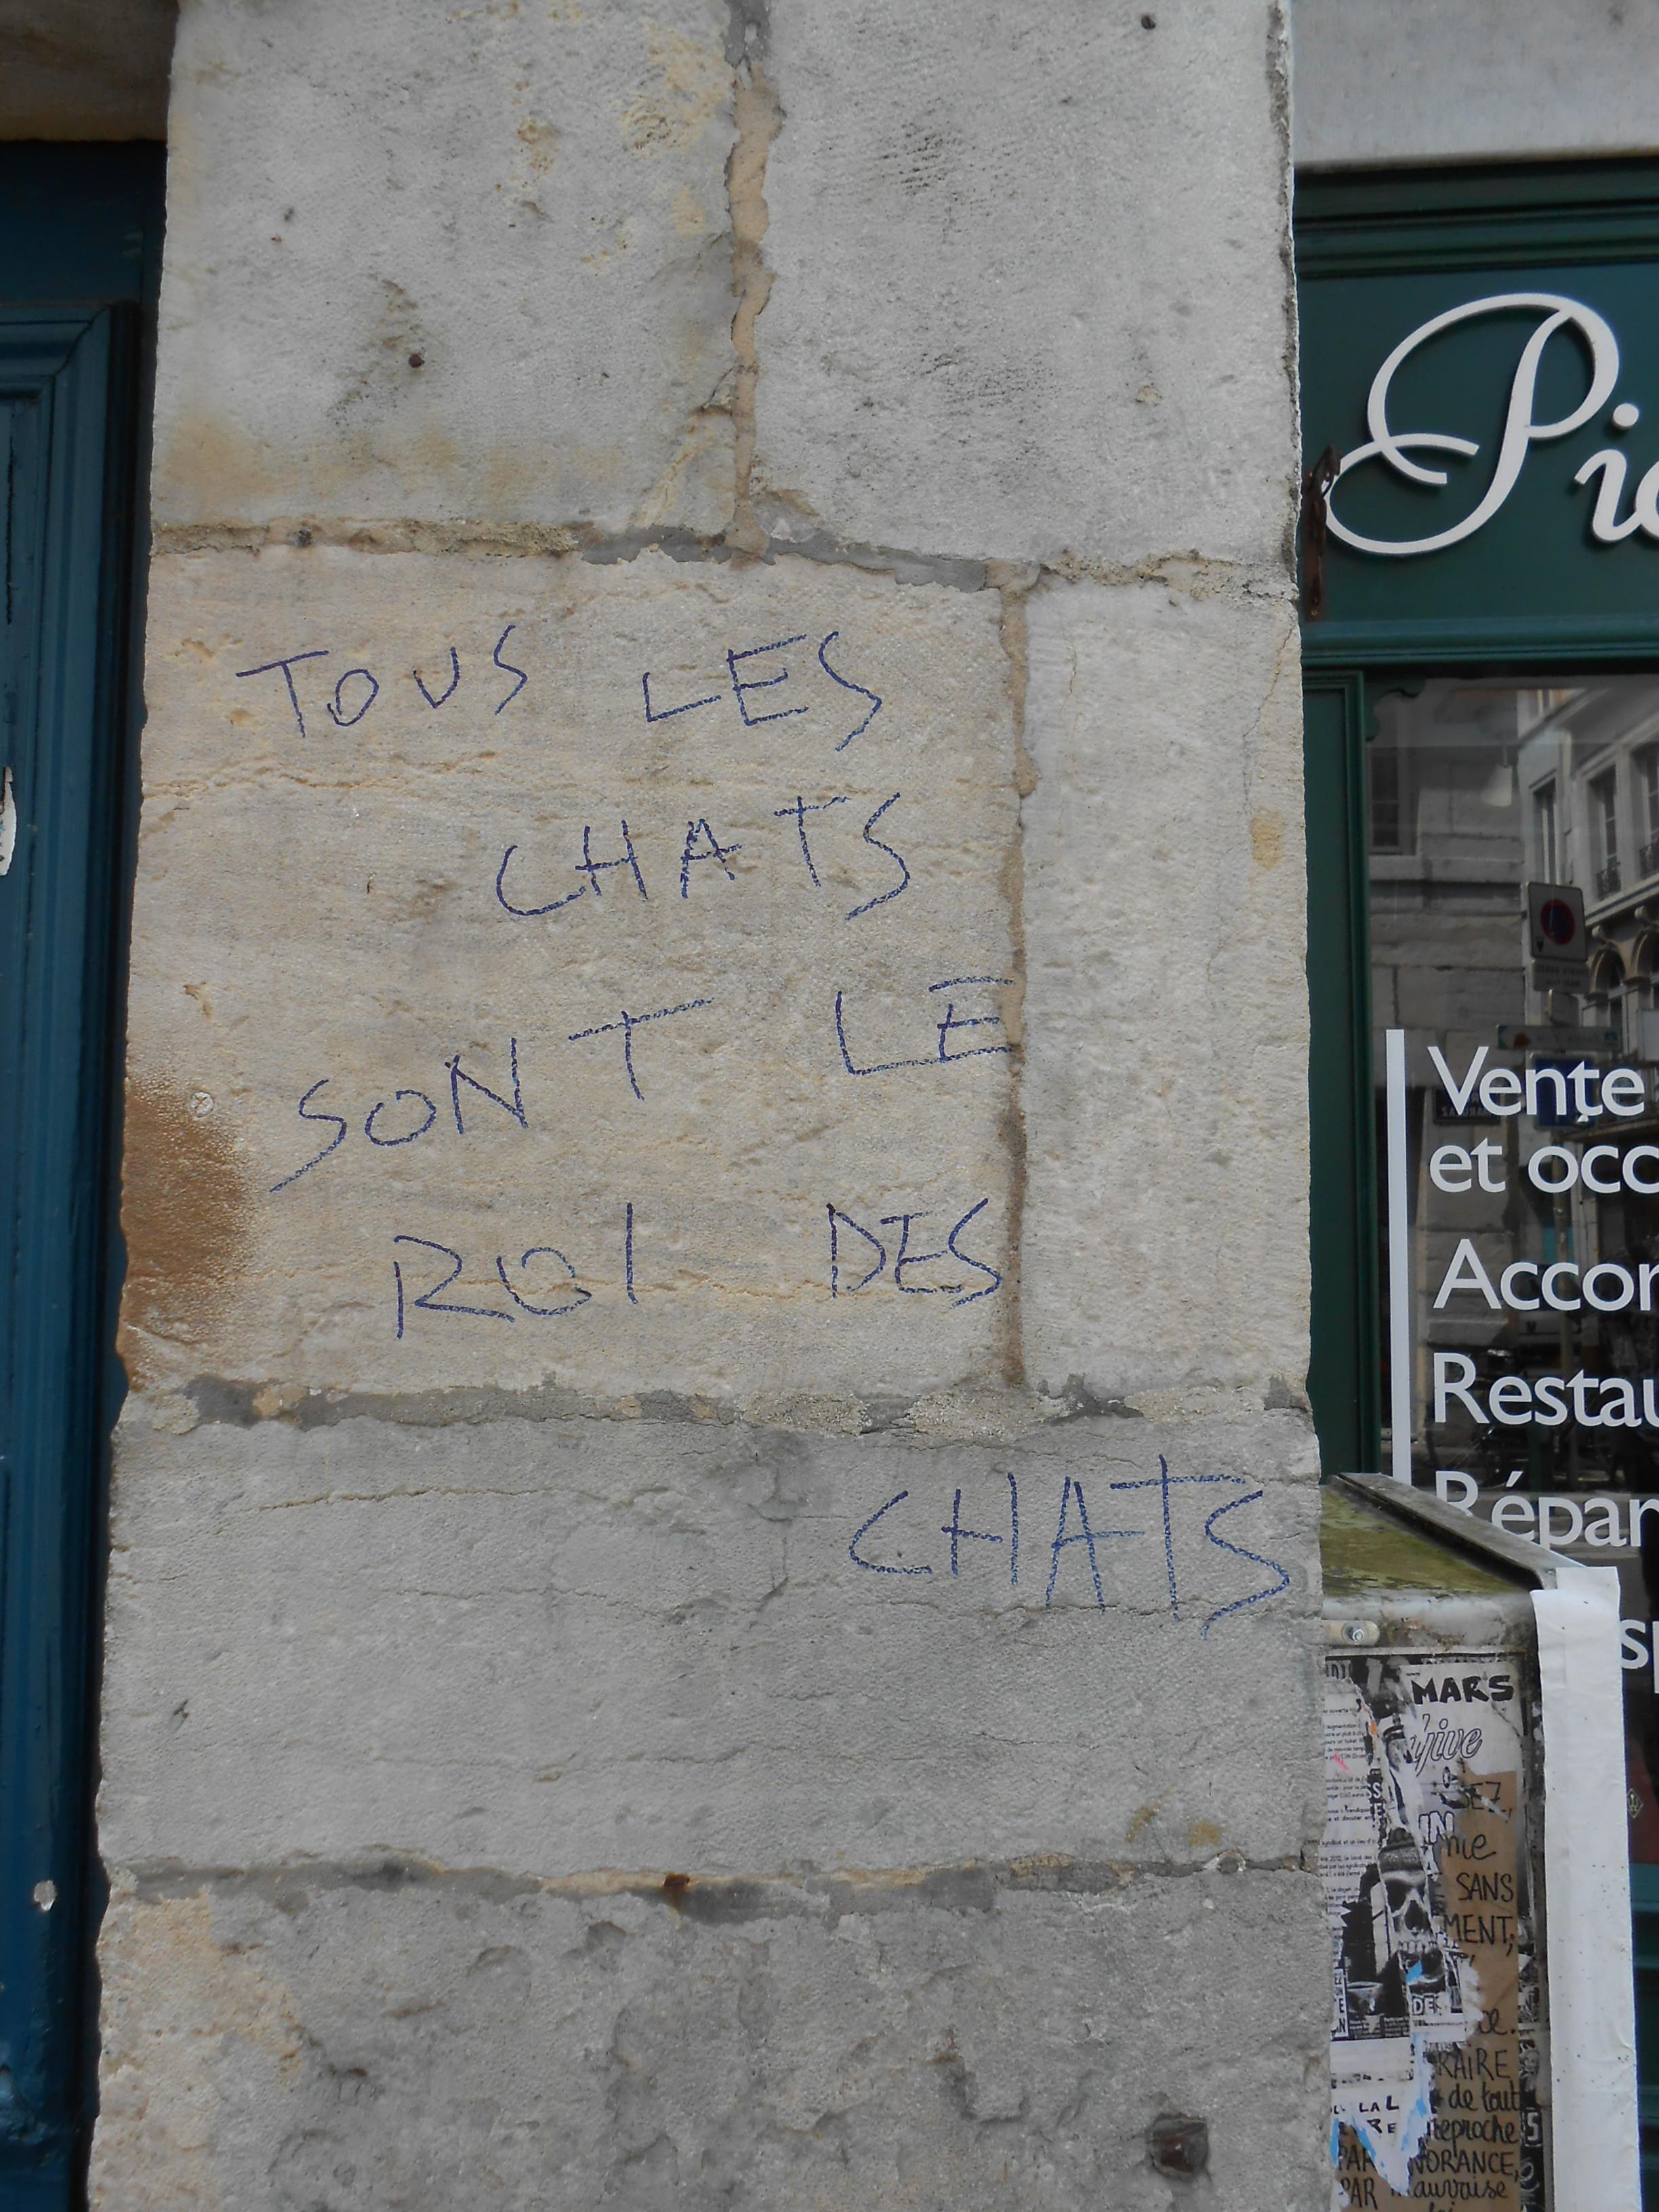 tous_les_chats_sont_le_roi_des_chats_besancon_07.2014